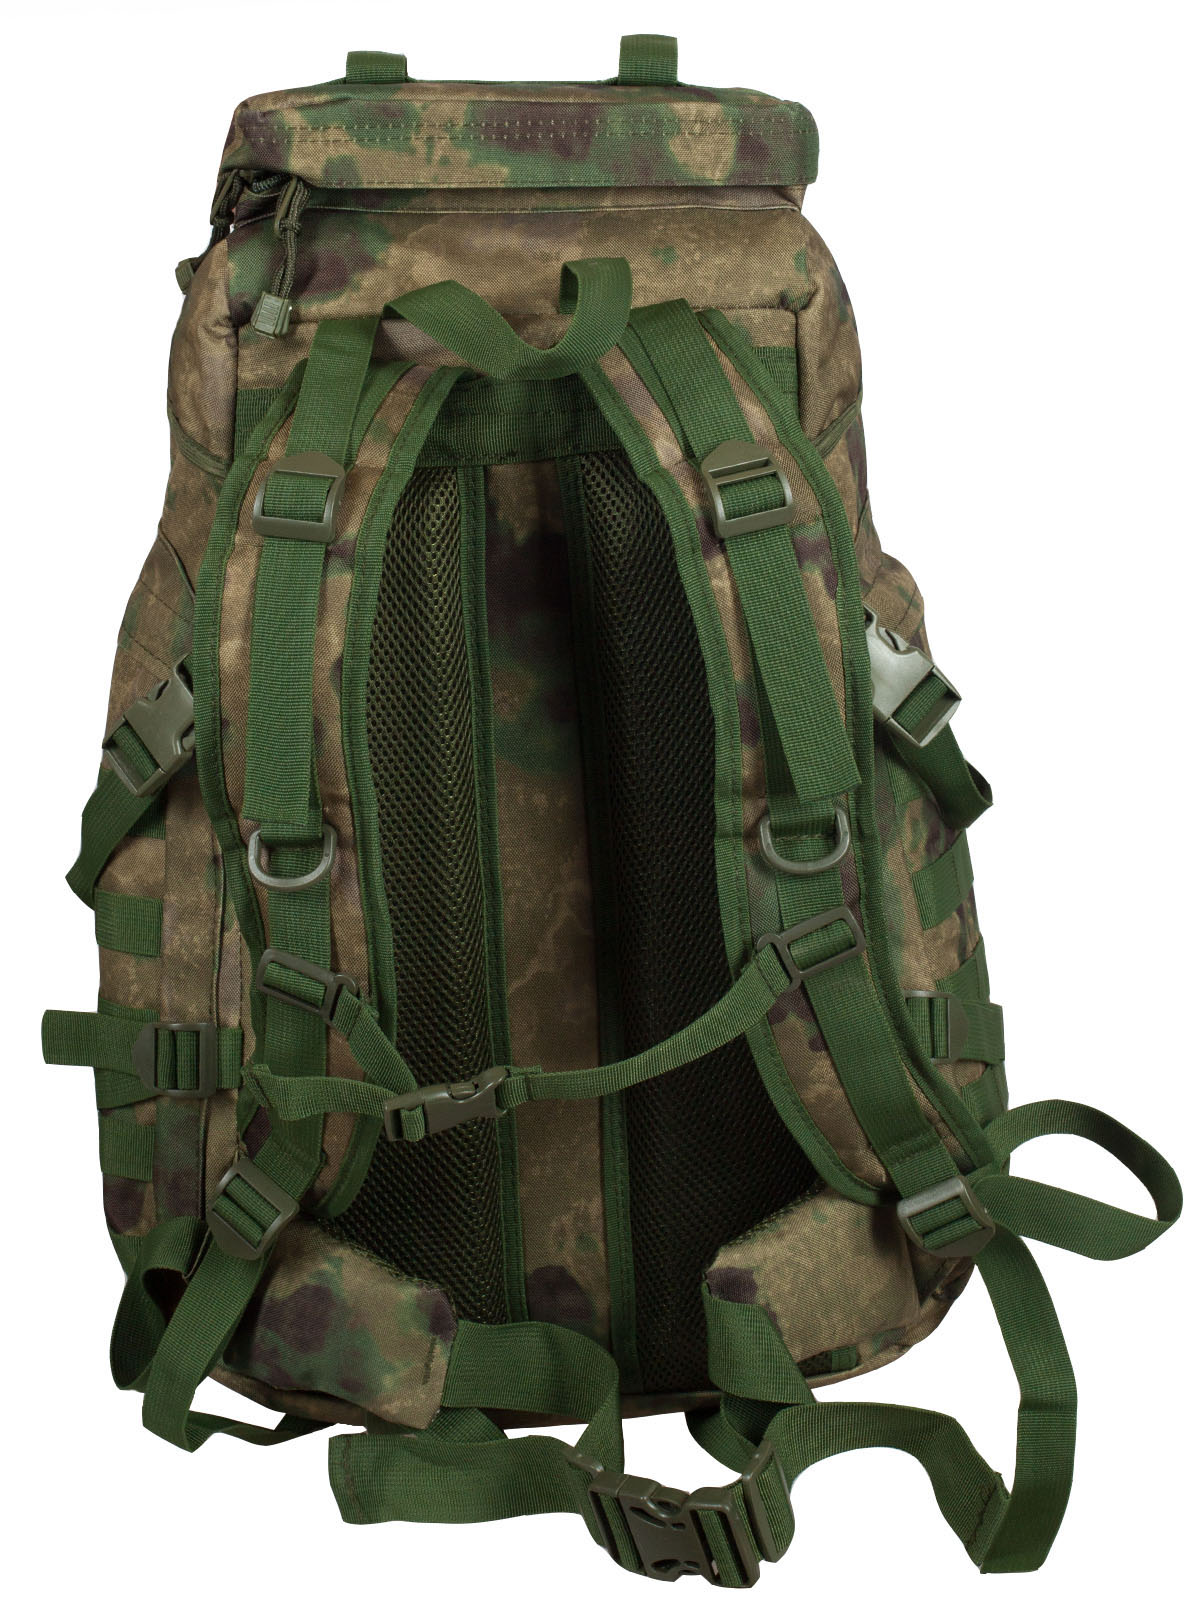 Армейский тактический рюкзак MultiCam A-TACS FG УГРО - заказать в подарок